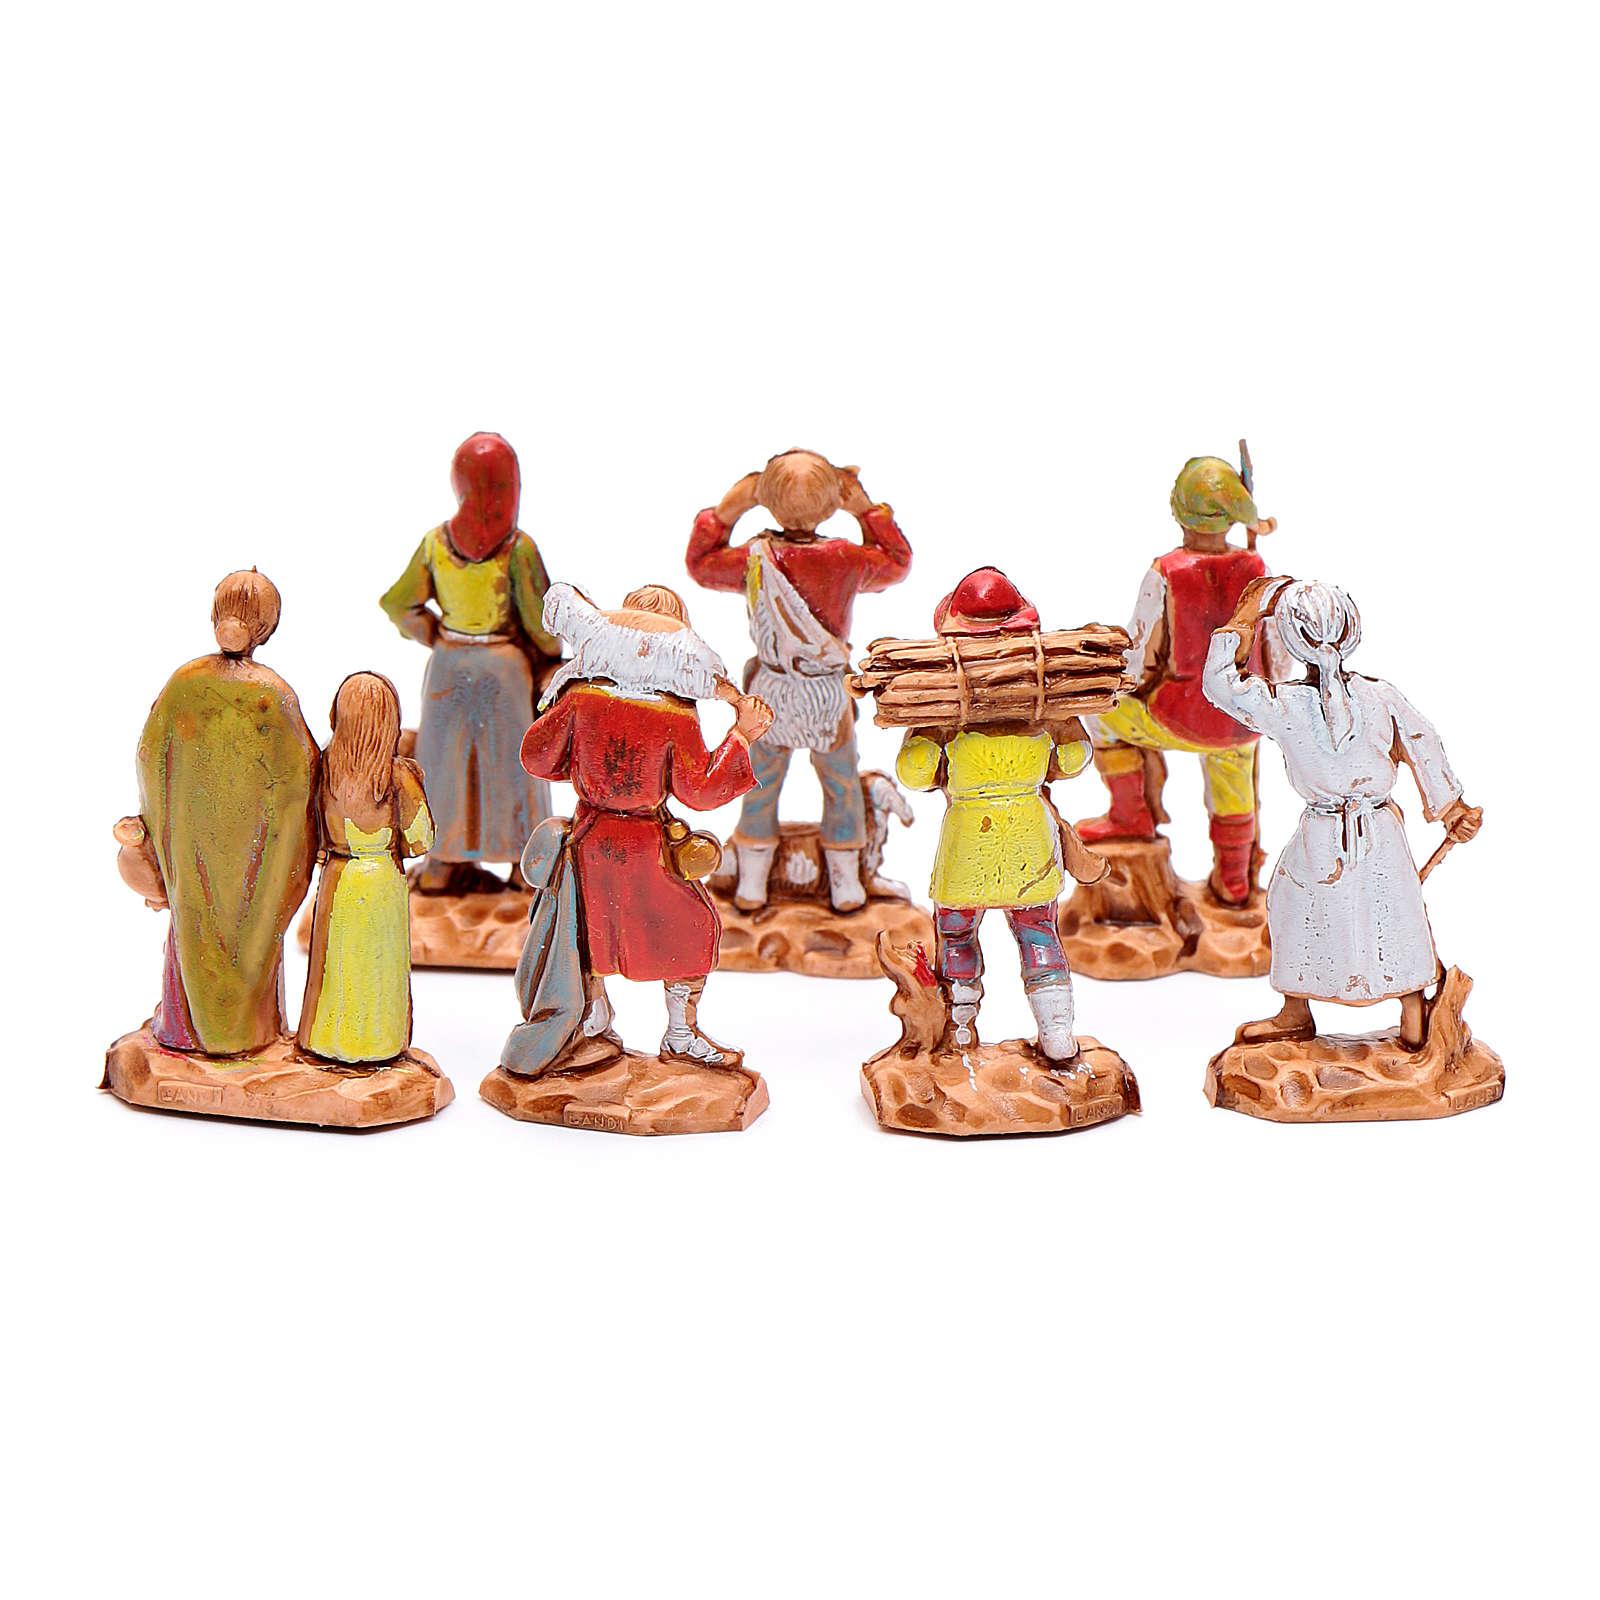 Pastores surtidos cm 3,5 - 7 piezas 4